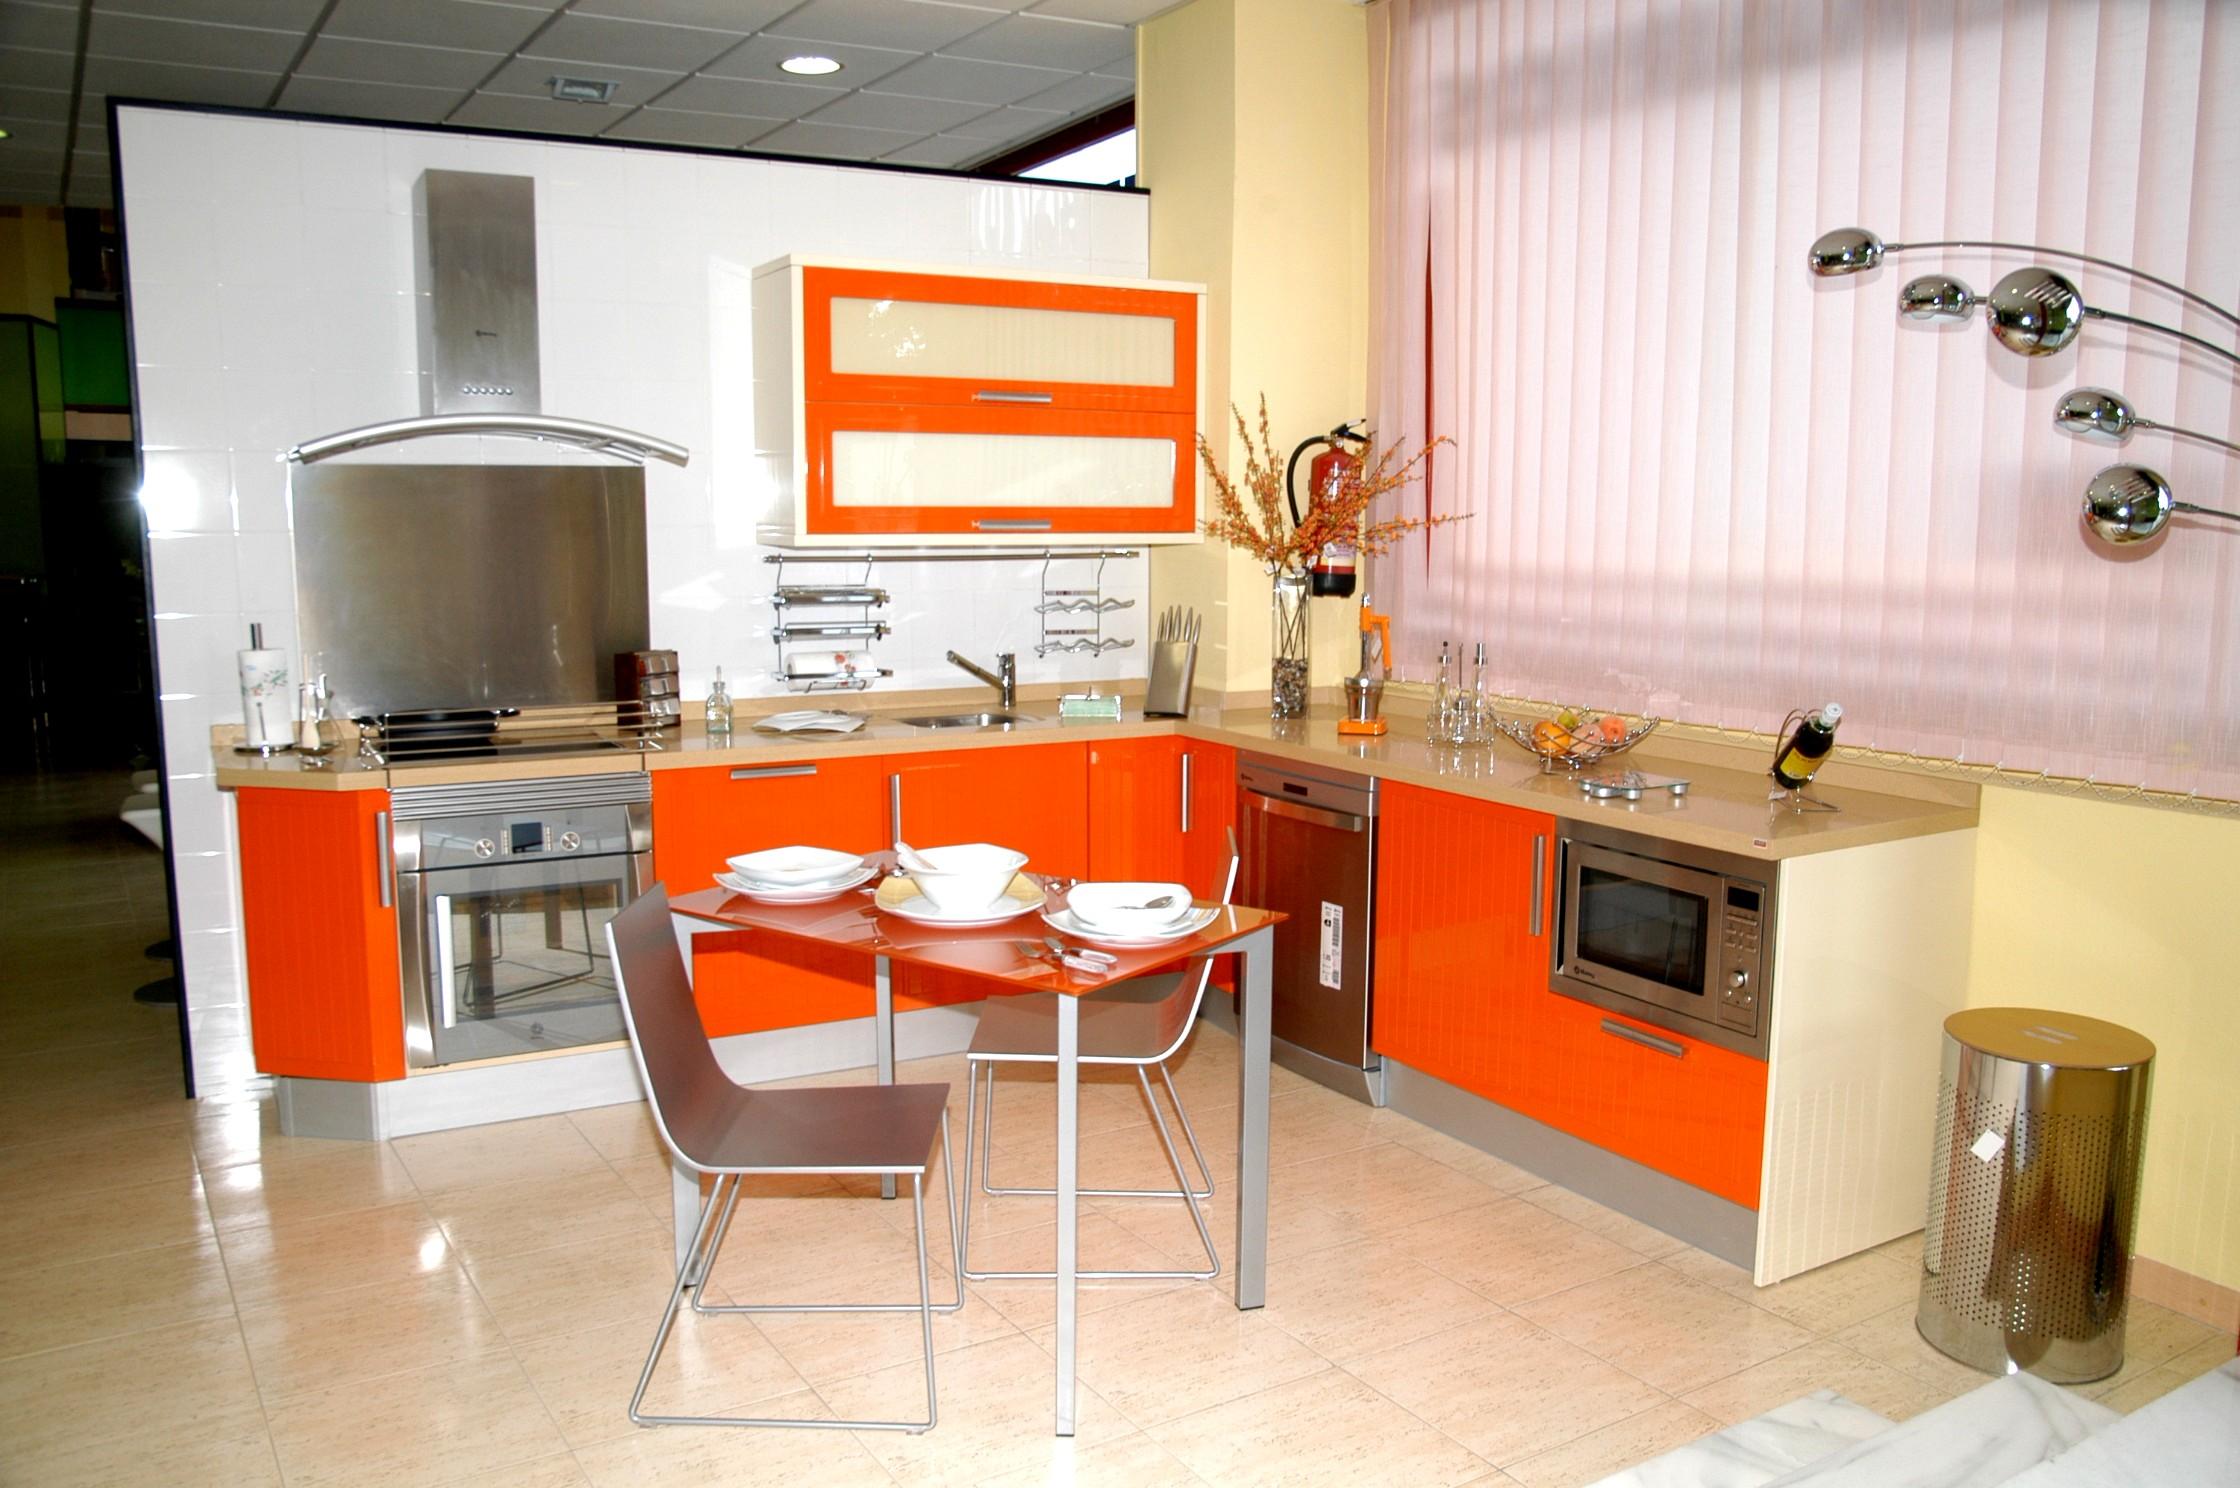 Solicitudes para reformar cocina en Alicante - Reformas en Alicante